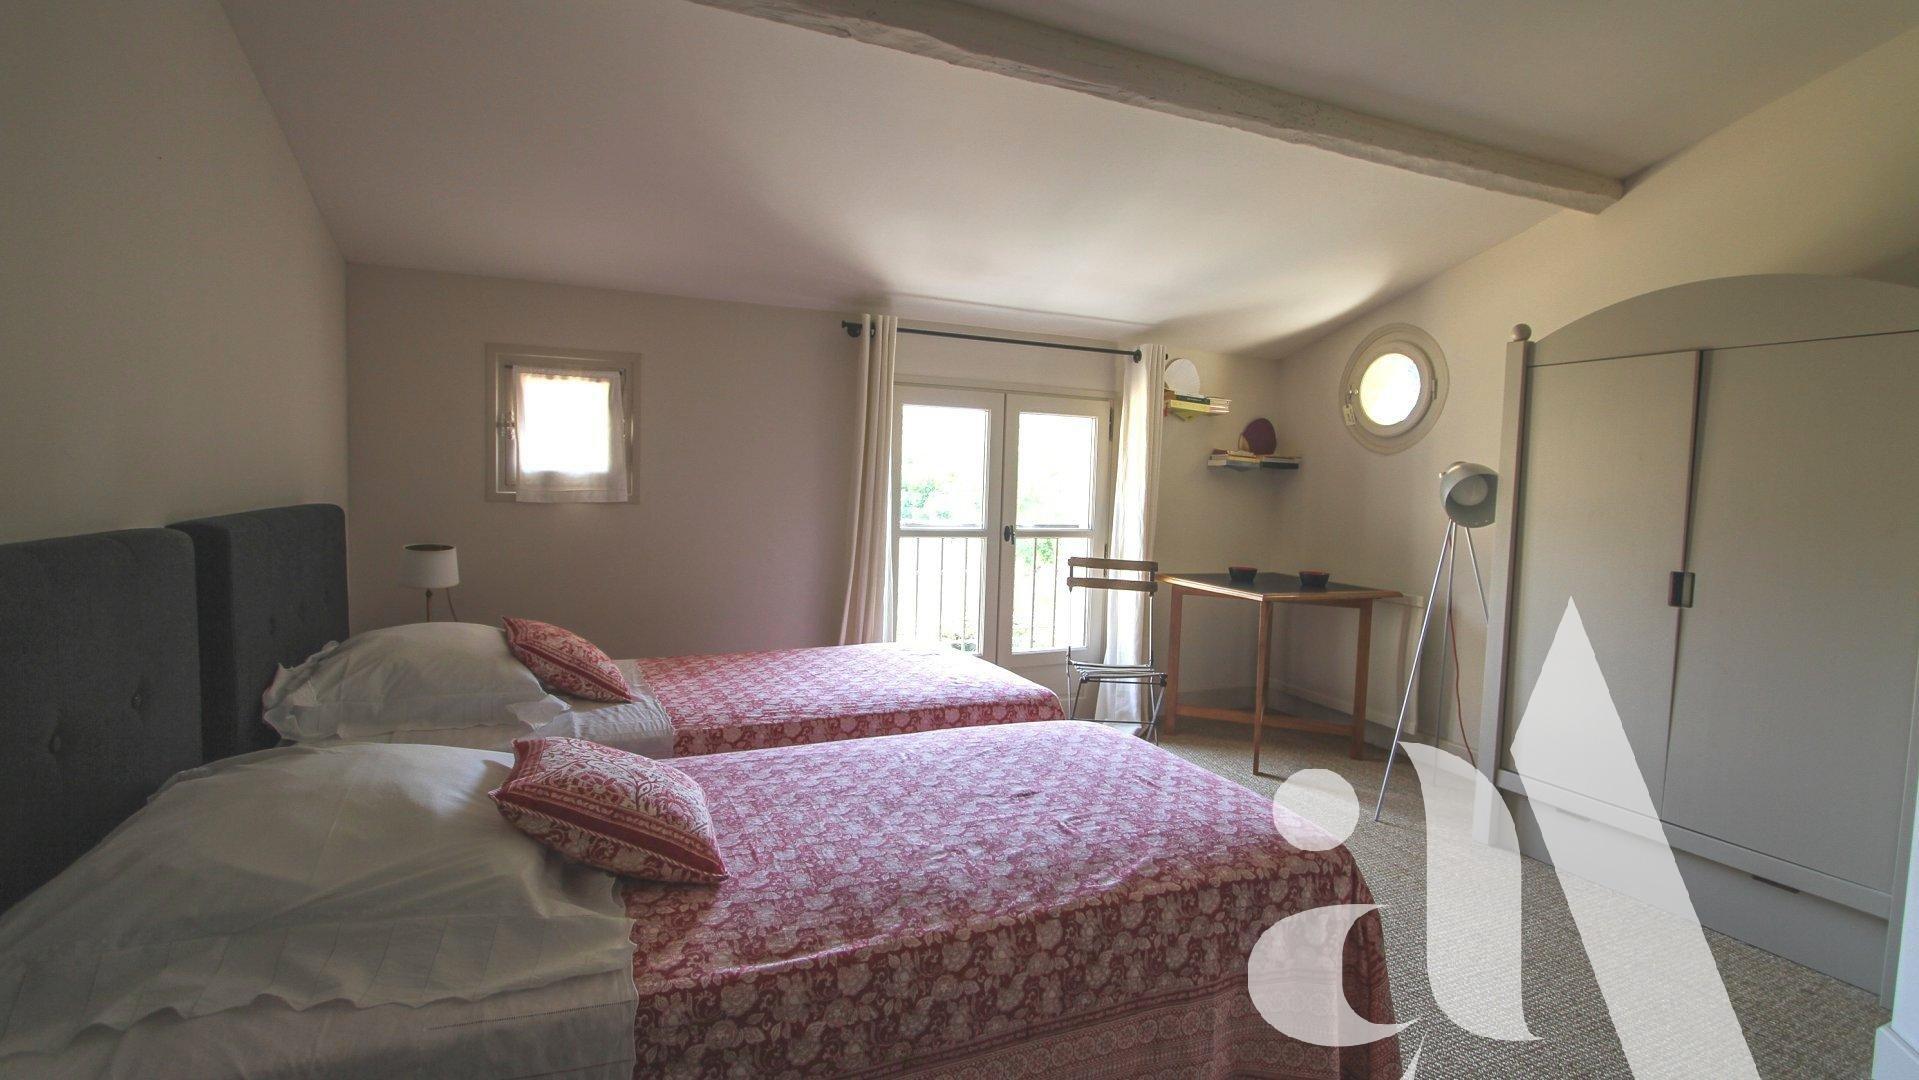 LE MAZET DU CACTUS - MAUSSANE - ALPILLES - 4 Chambres